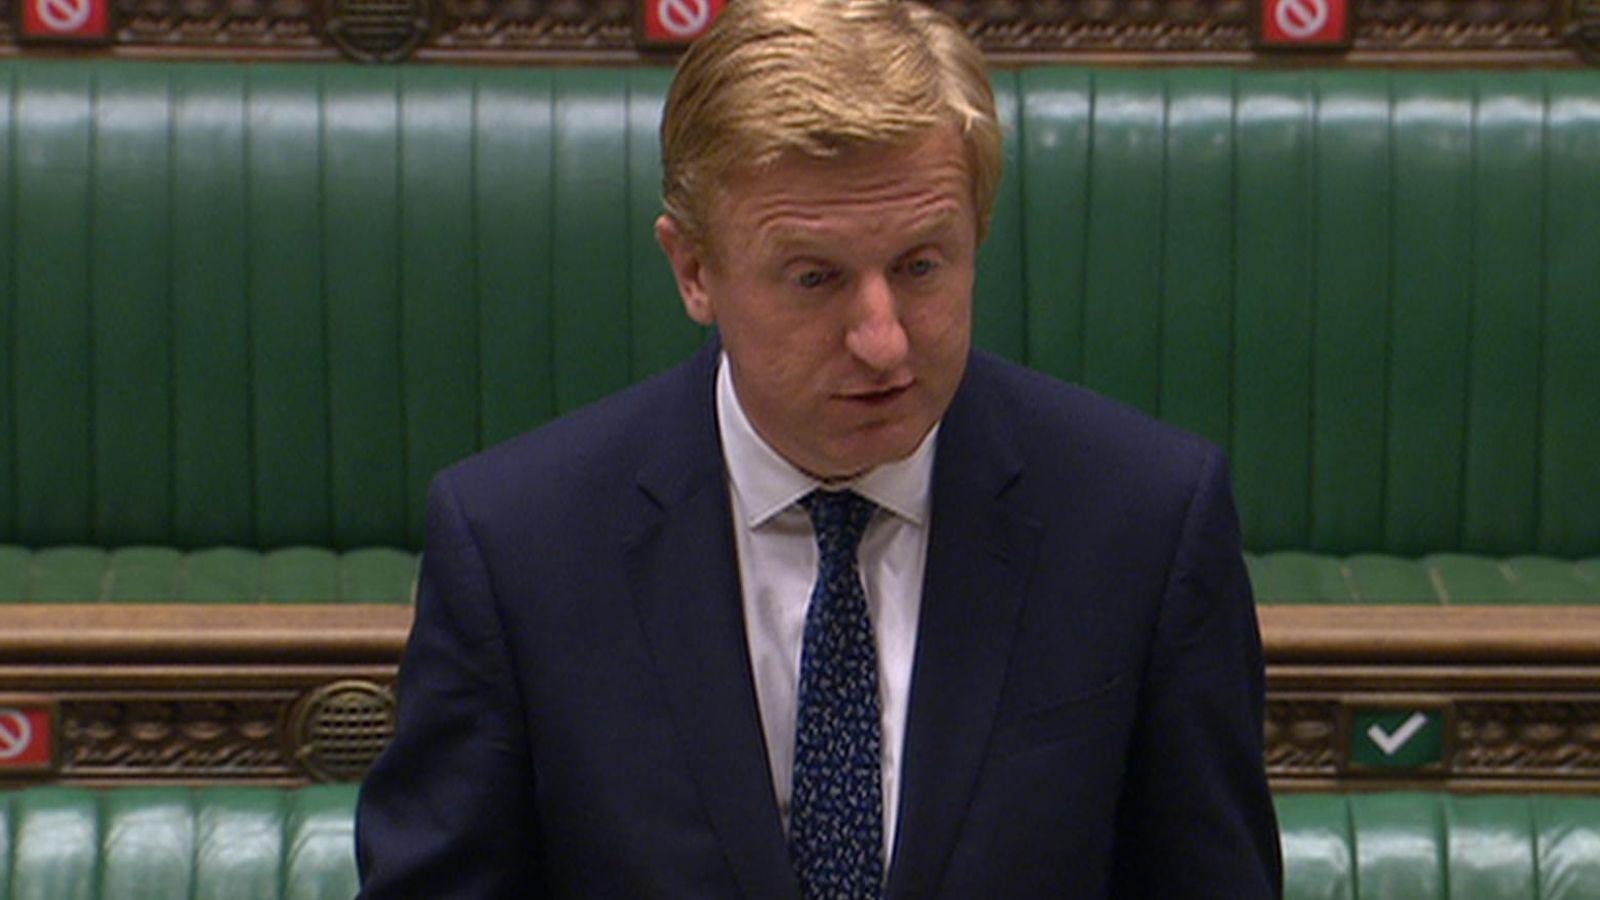 英国文化大臣道登向议会下院通报政府禁用华为5G的决定